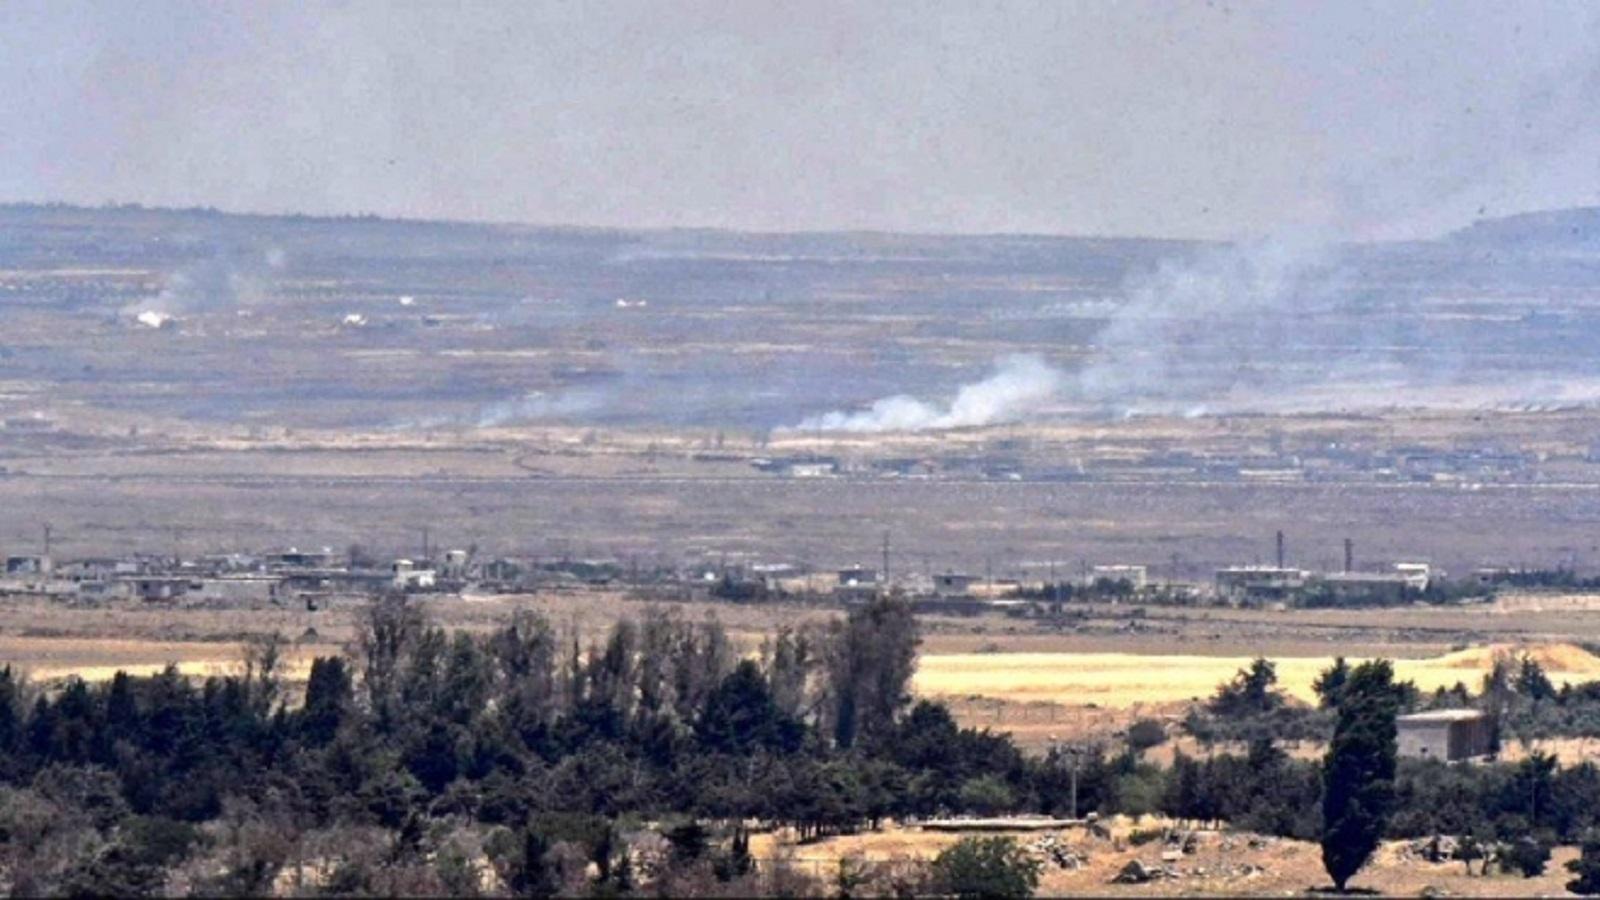 في حادثة جديدة  دبابة إسرائيلية تستهدف نقطة عسكرية لـ حزب الله  في القنيطرة